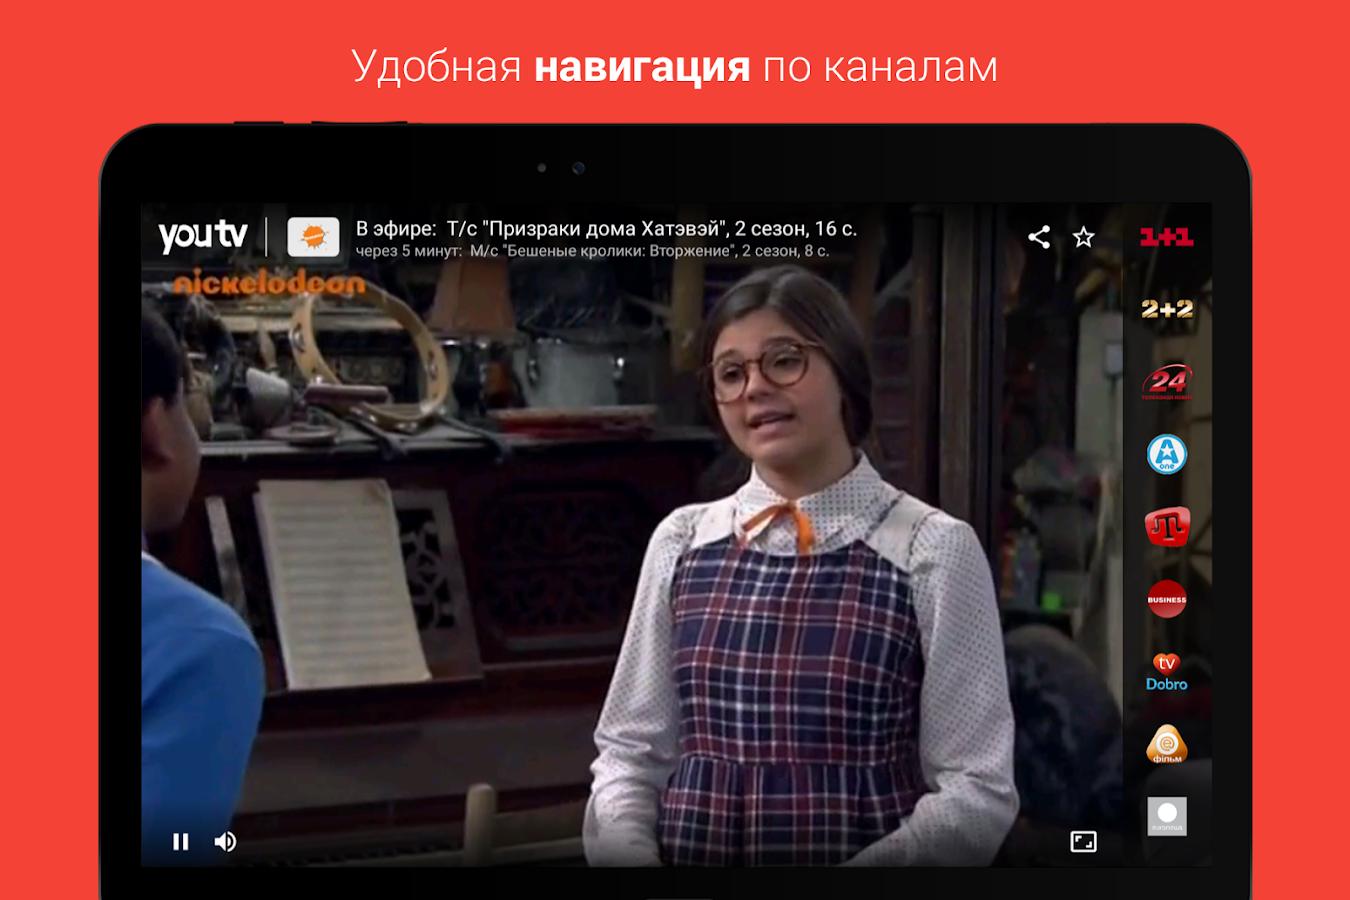 ТВ онлайн смотреть бесплатно IPTV телевидение онлайн